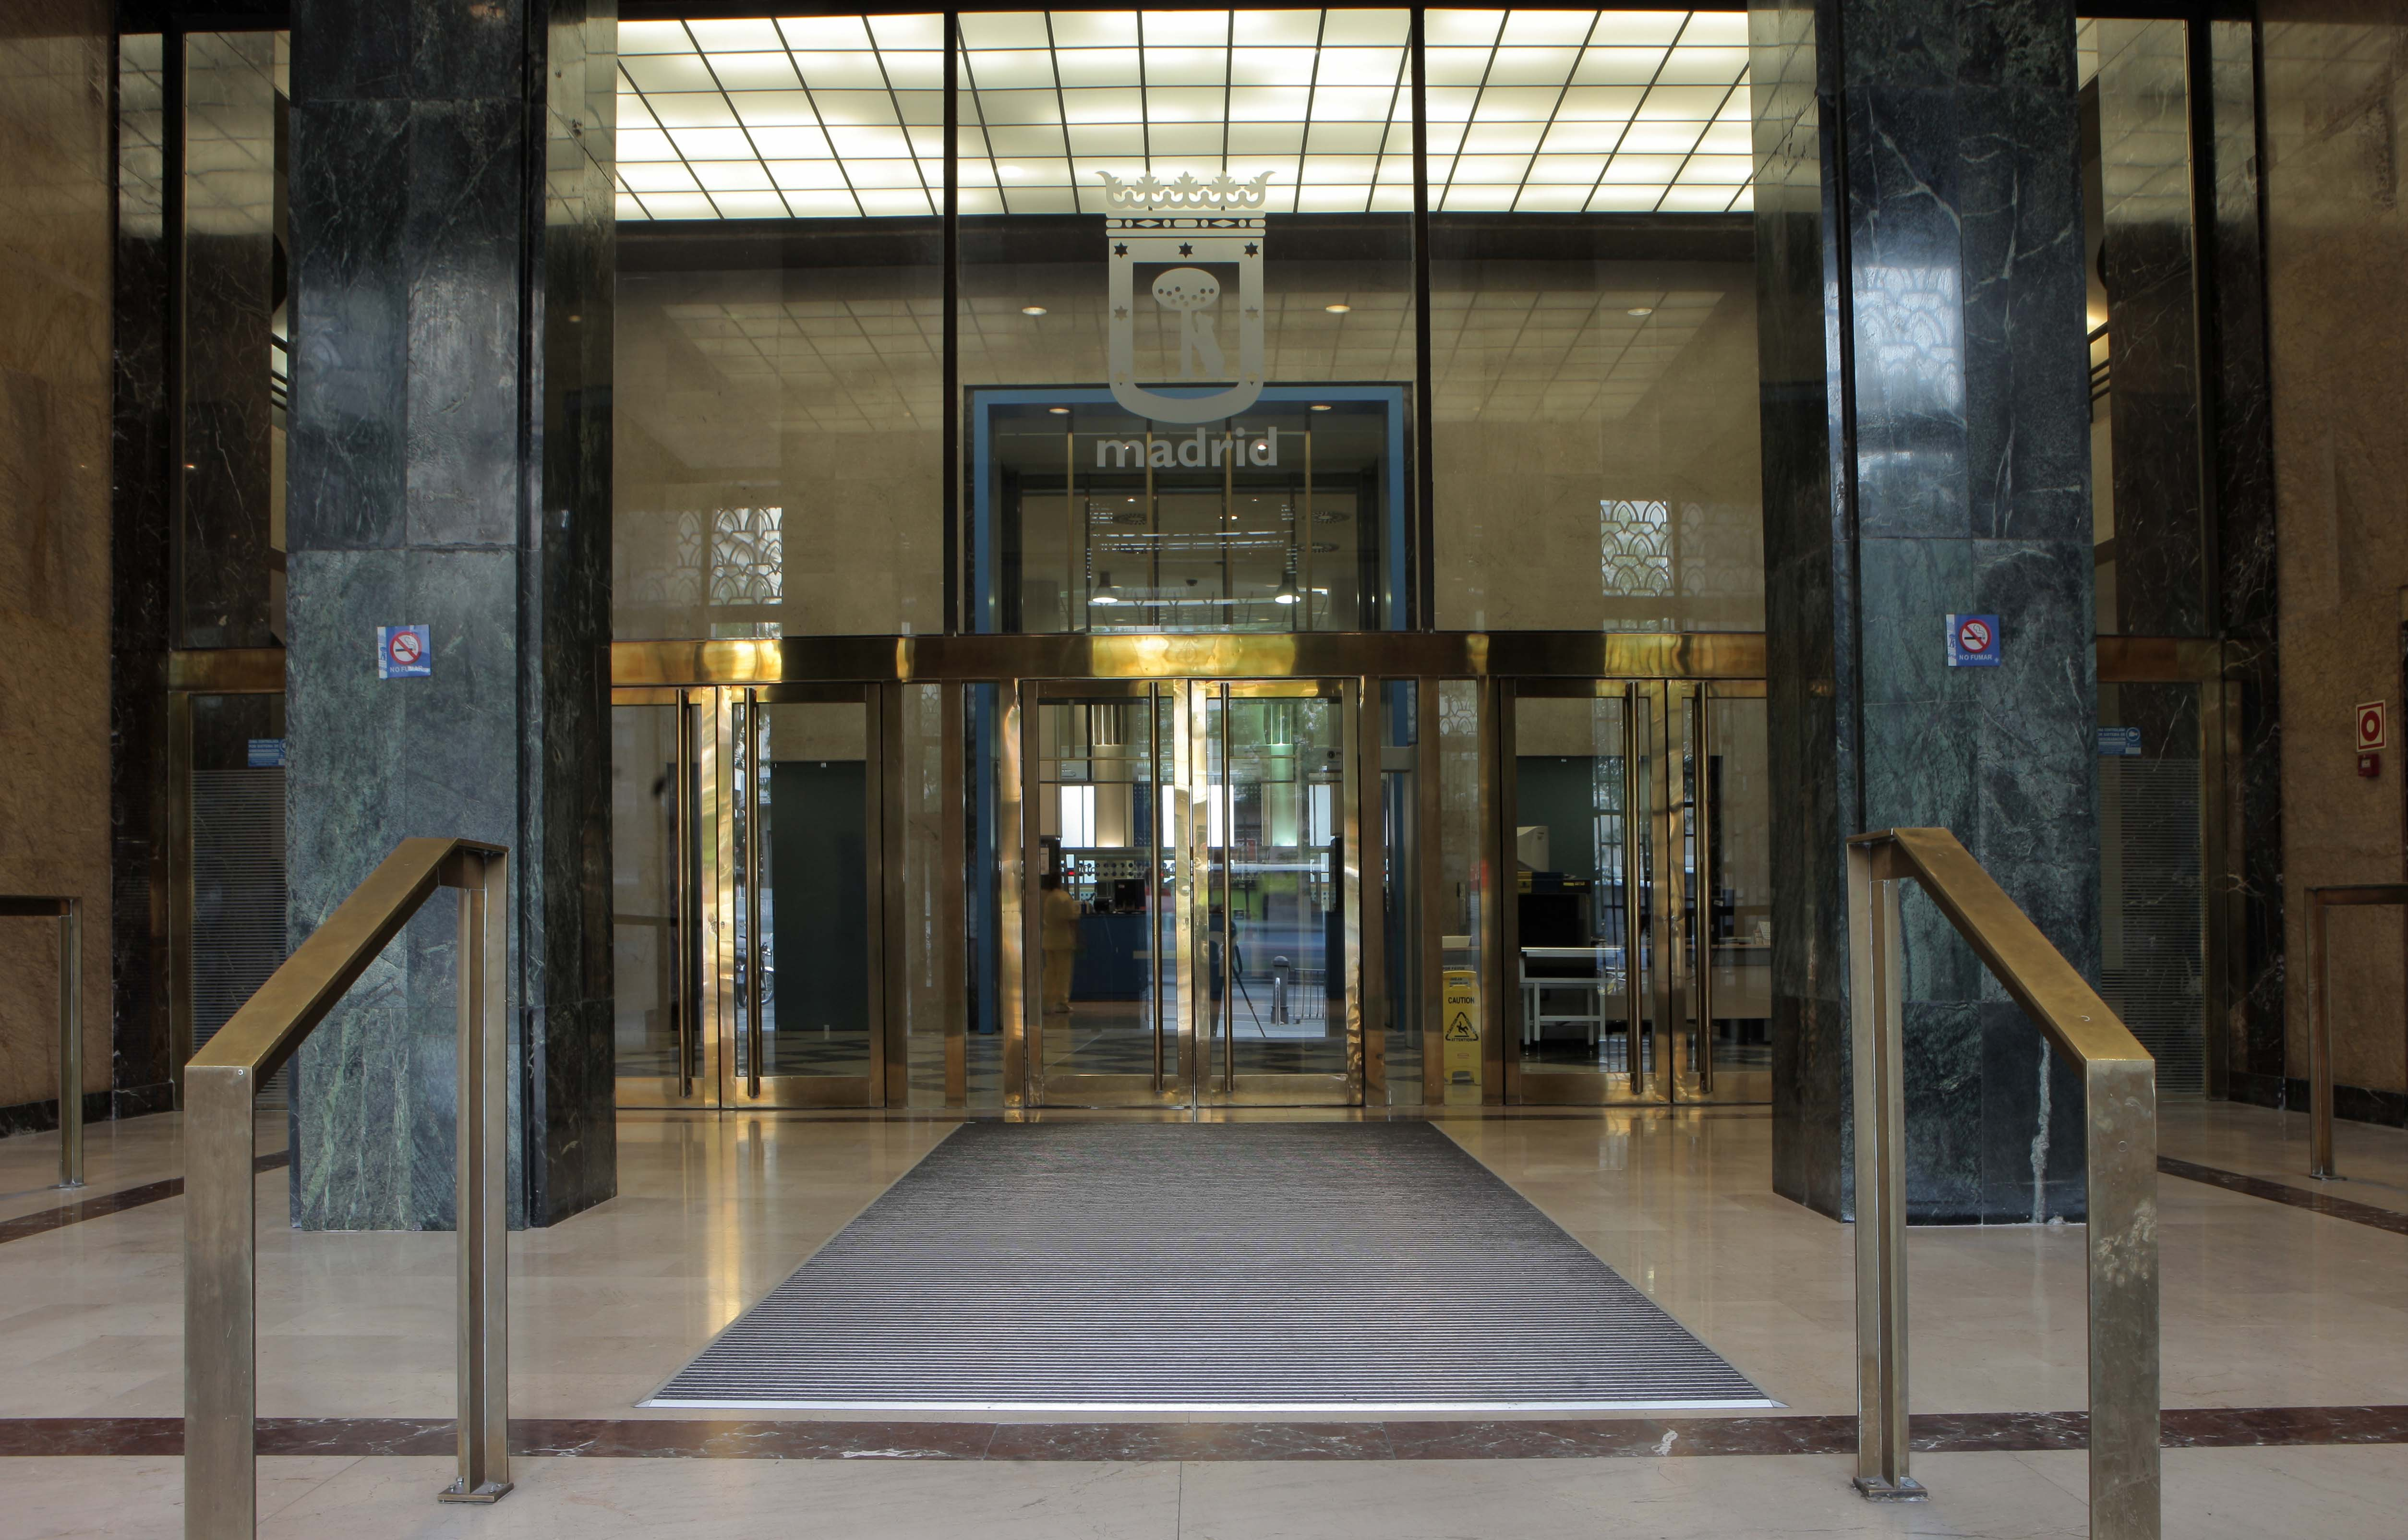 Puerta del edificio de Alcalá 45